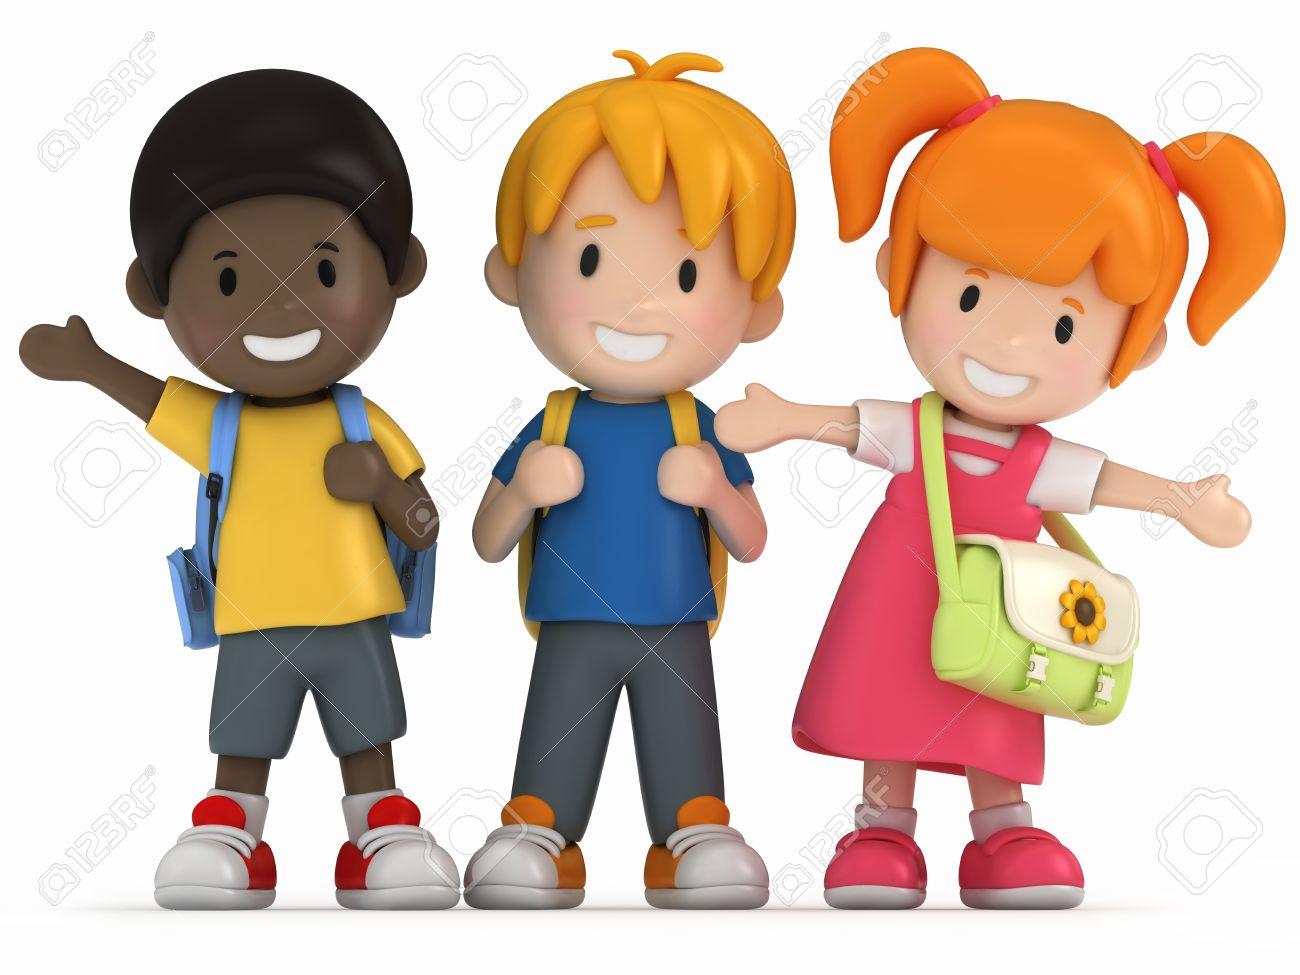 3D Render of Happy School Kids Stock Photo - 15475044